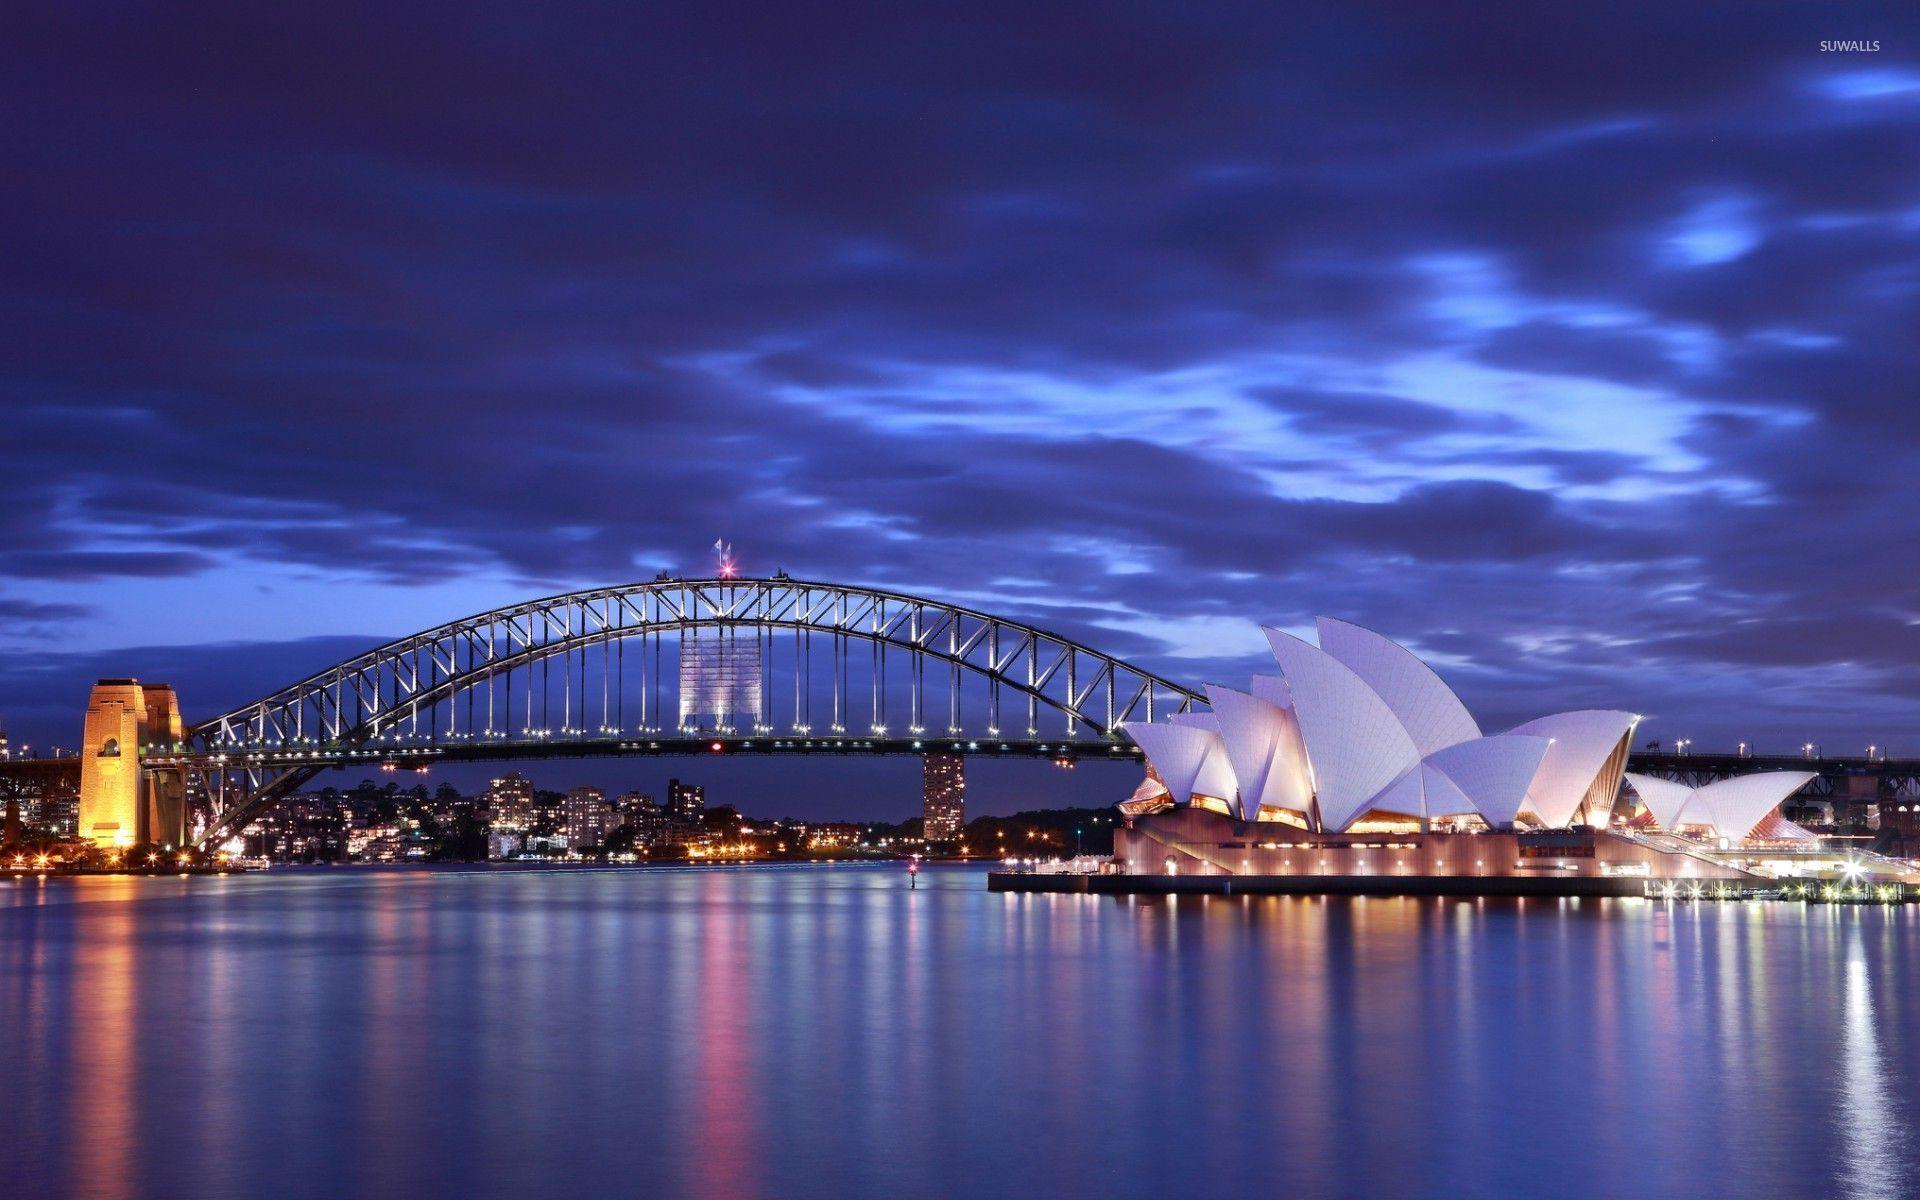 Sydney Harbour Bridge [4] wallpaper - World wallpapers - #46994